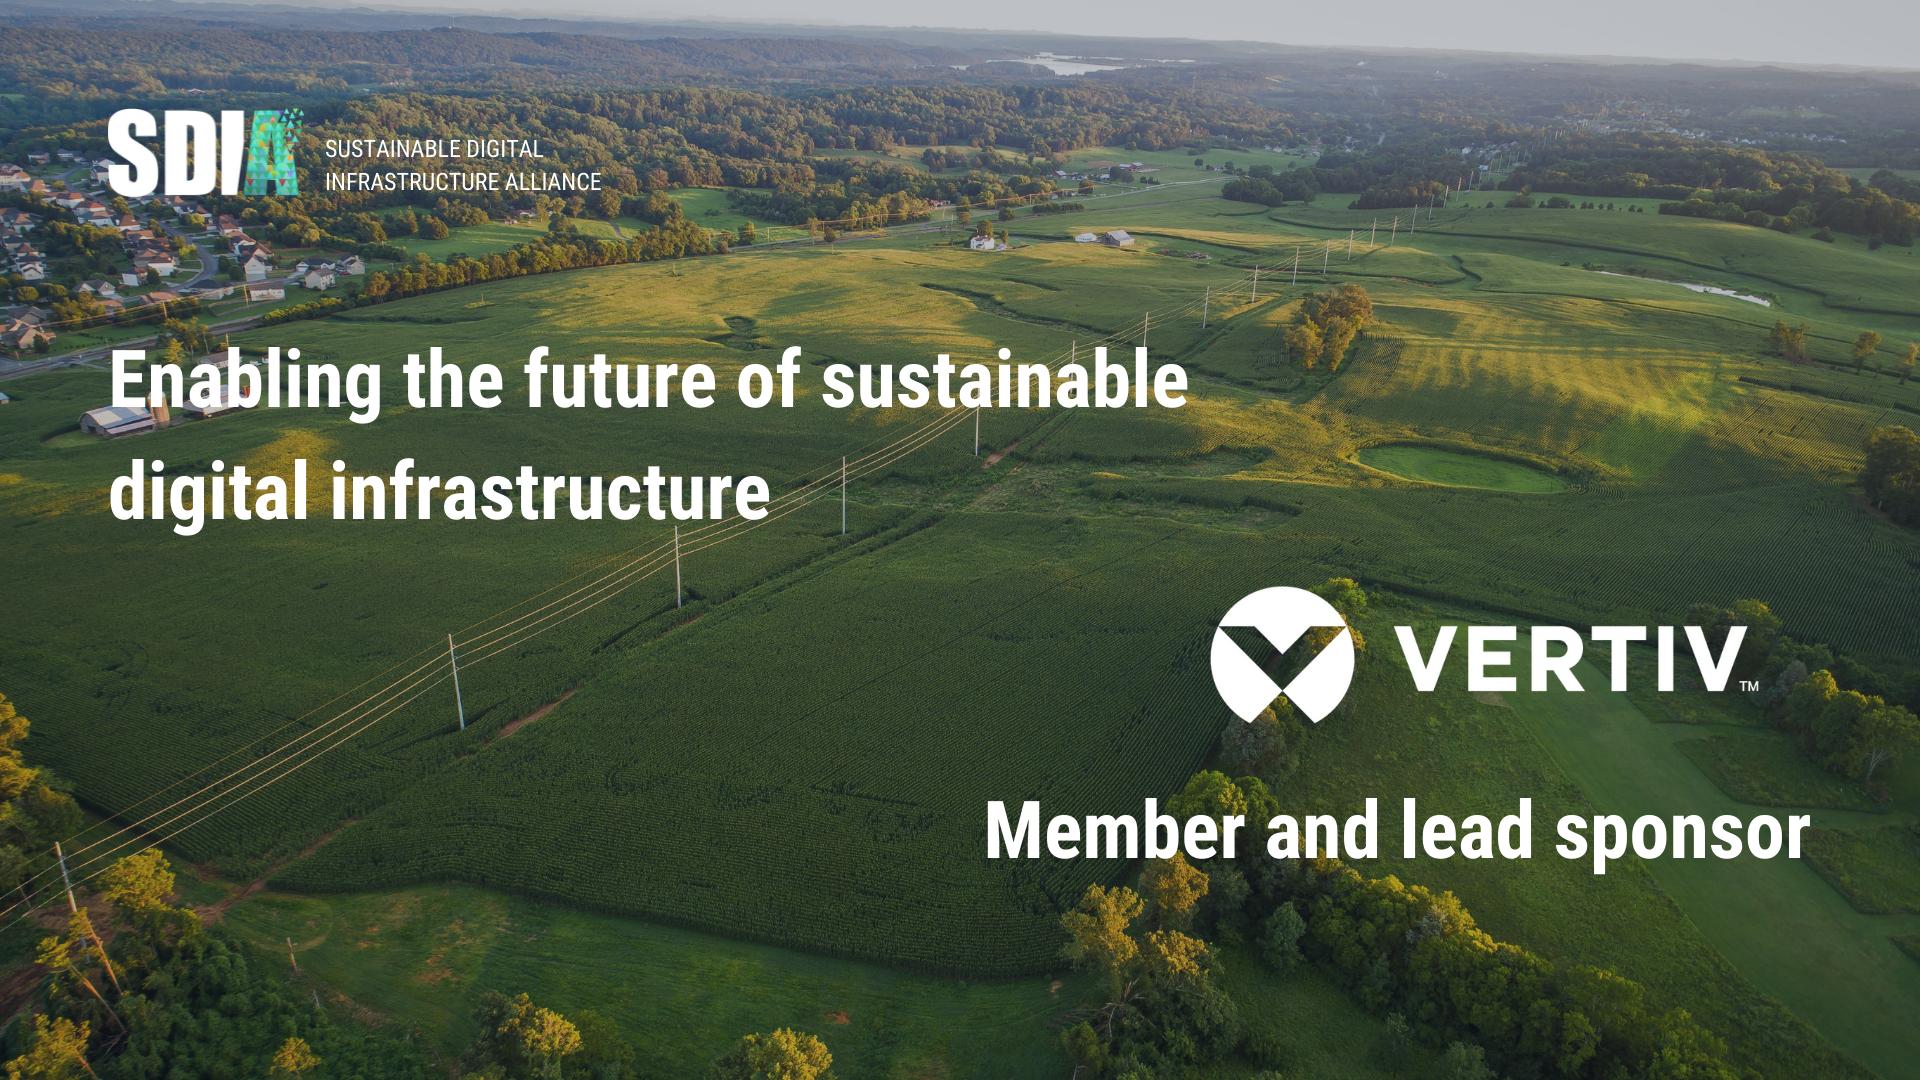 Vertiv se alătură Alianței pentru Infractructura Digitală Sustenabilă cu scopul de a contribui la stimularea unei economii digitale neutre din punct de vedere climatic